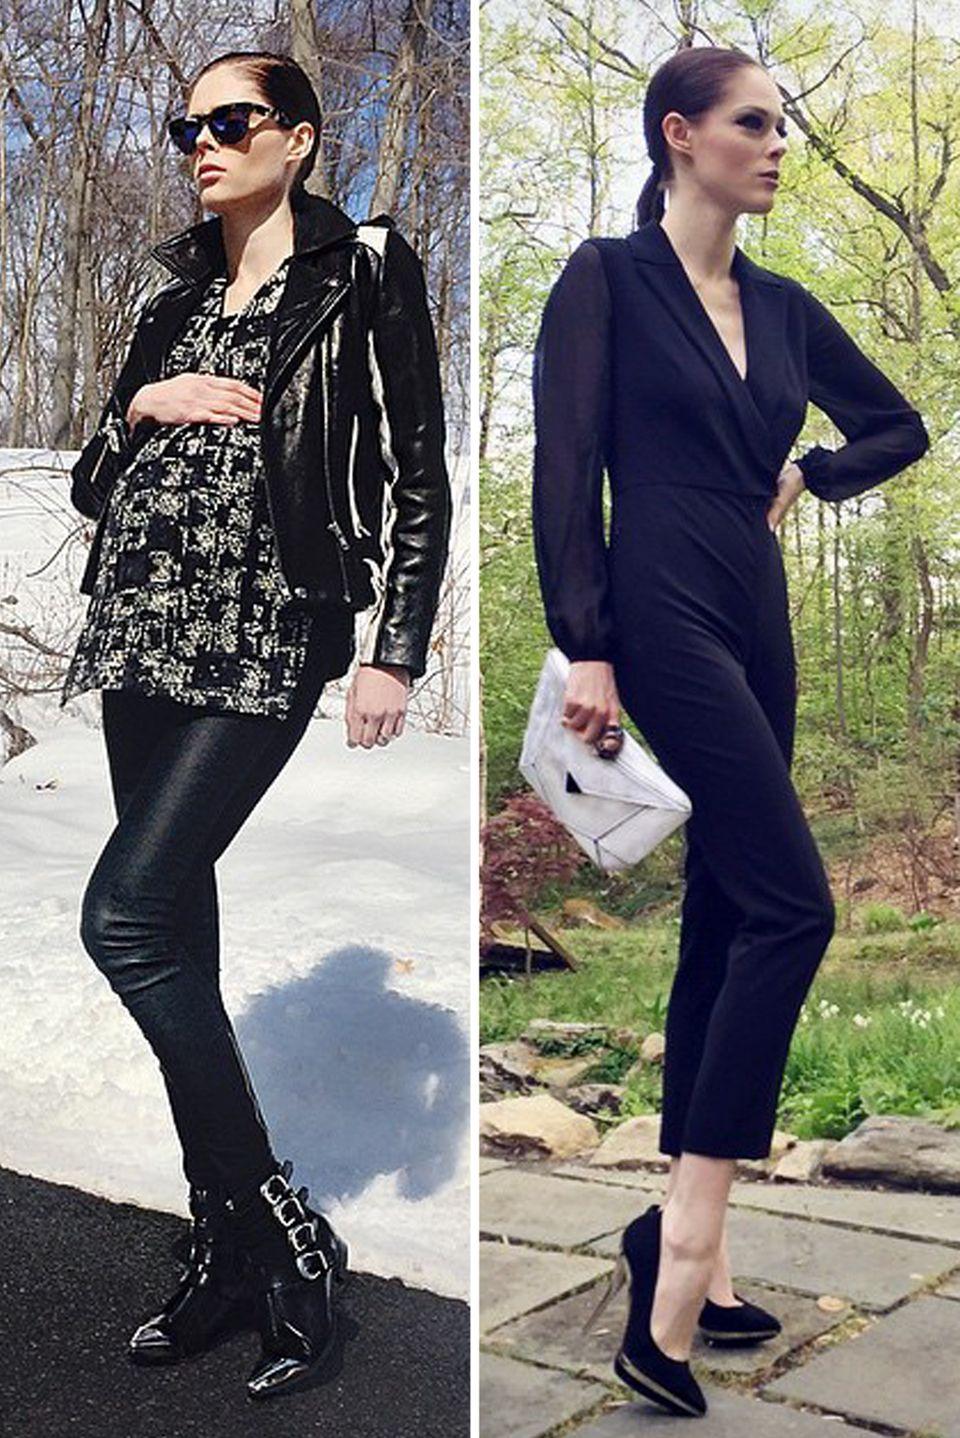 Coco Rocha  Diese beiden Bilder liegen knapp 2 Monate auseinander. Das Model hat auch während der Schwangerschaft kaum zugenommen und ist nach der Geburt ihres ersten Kindes, Tochter Ioni, schlank wie eh und je.